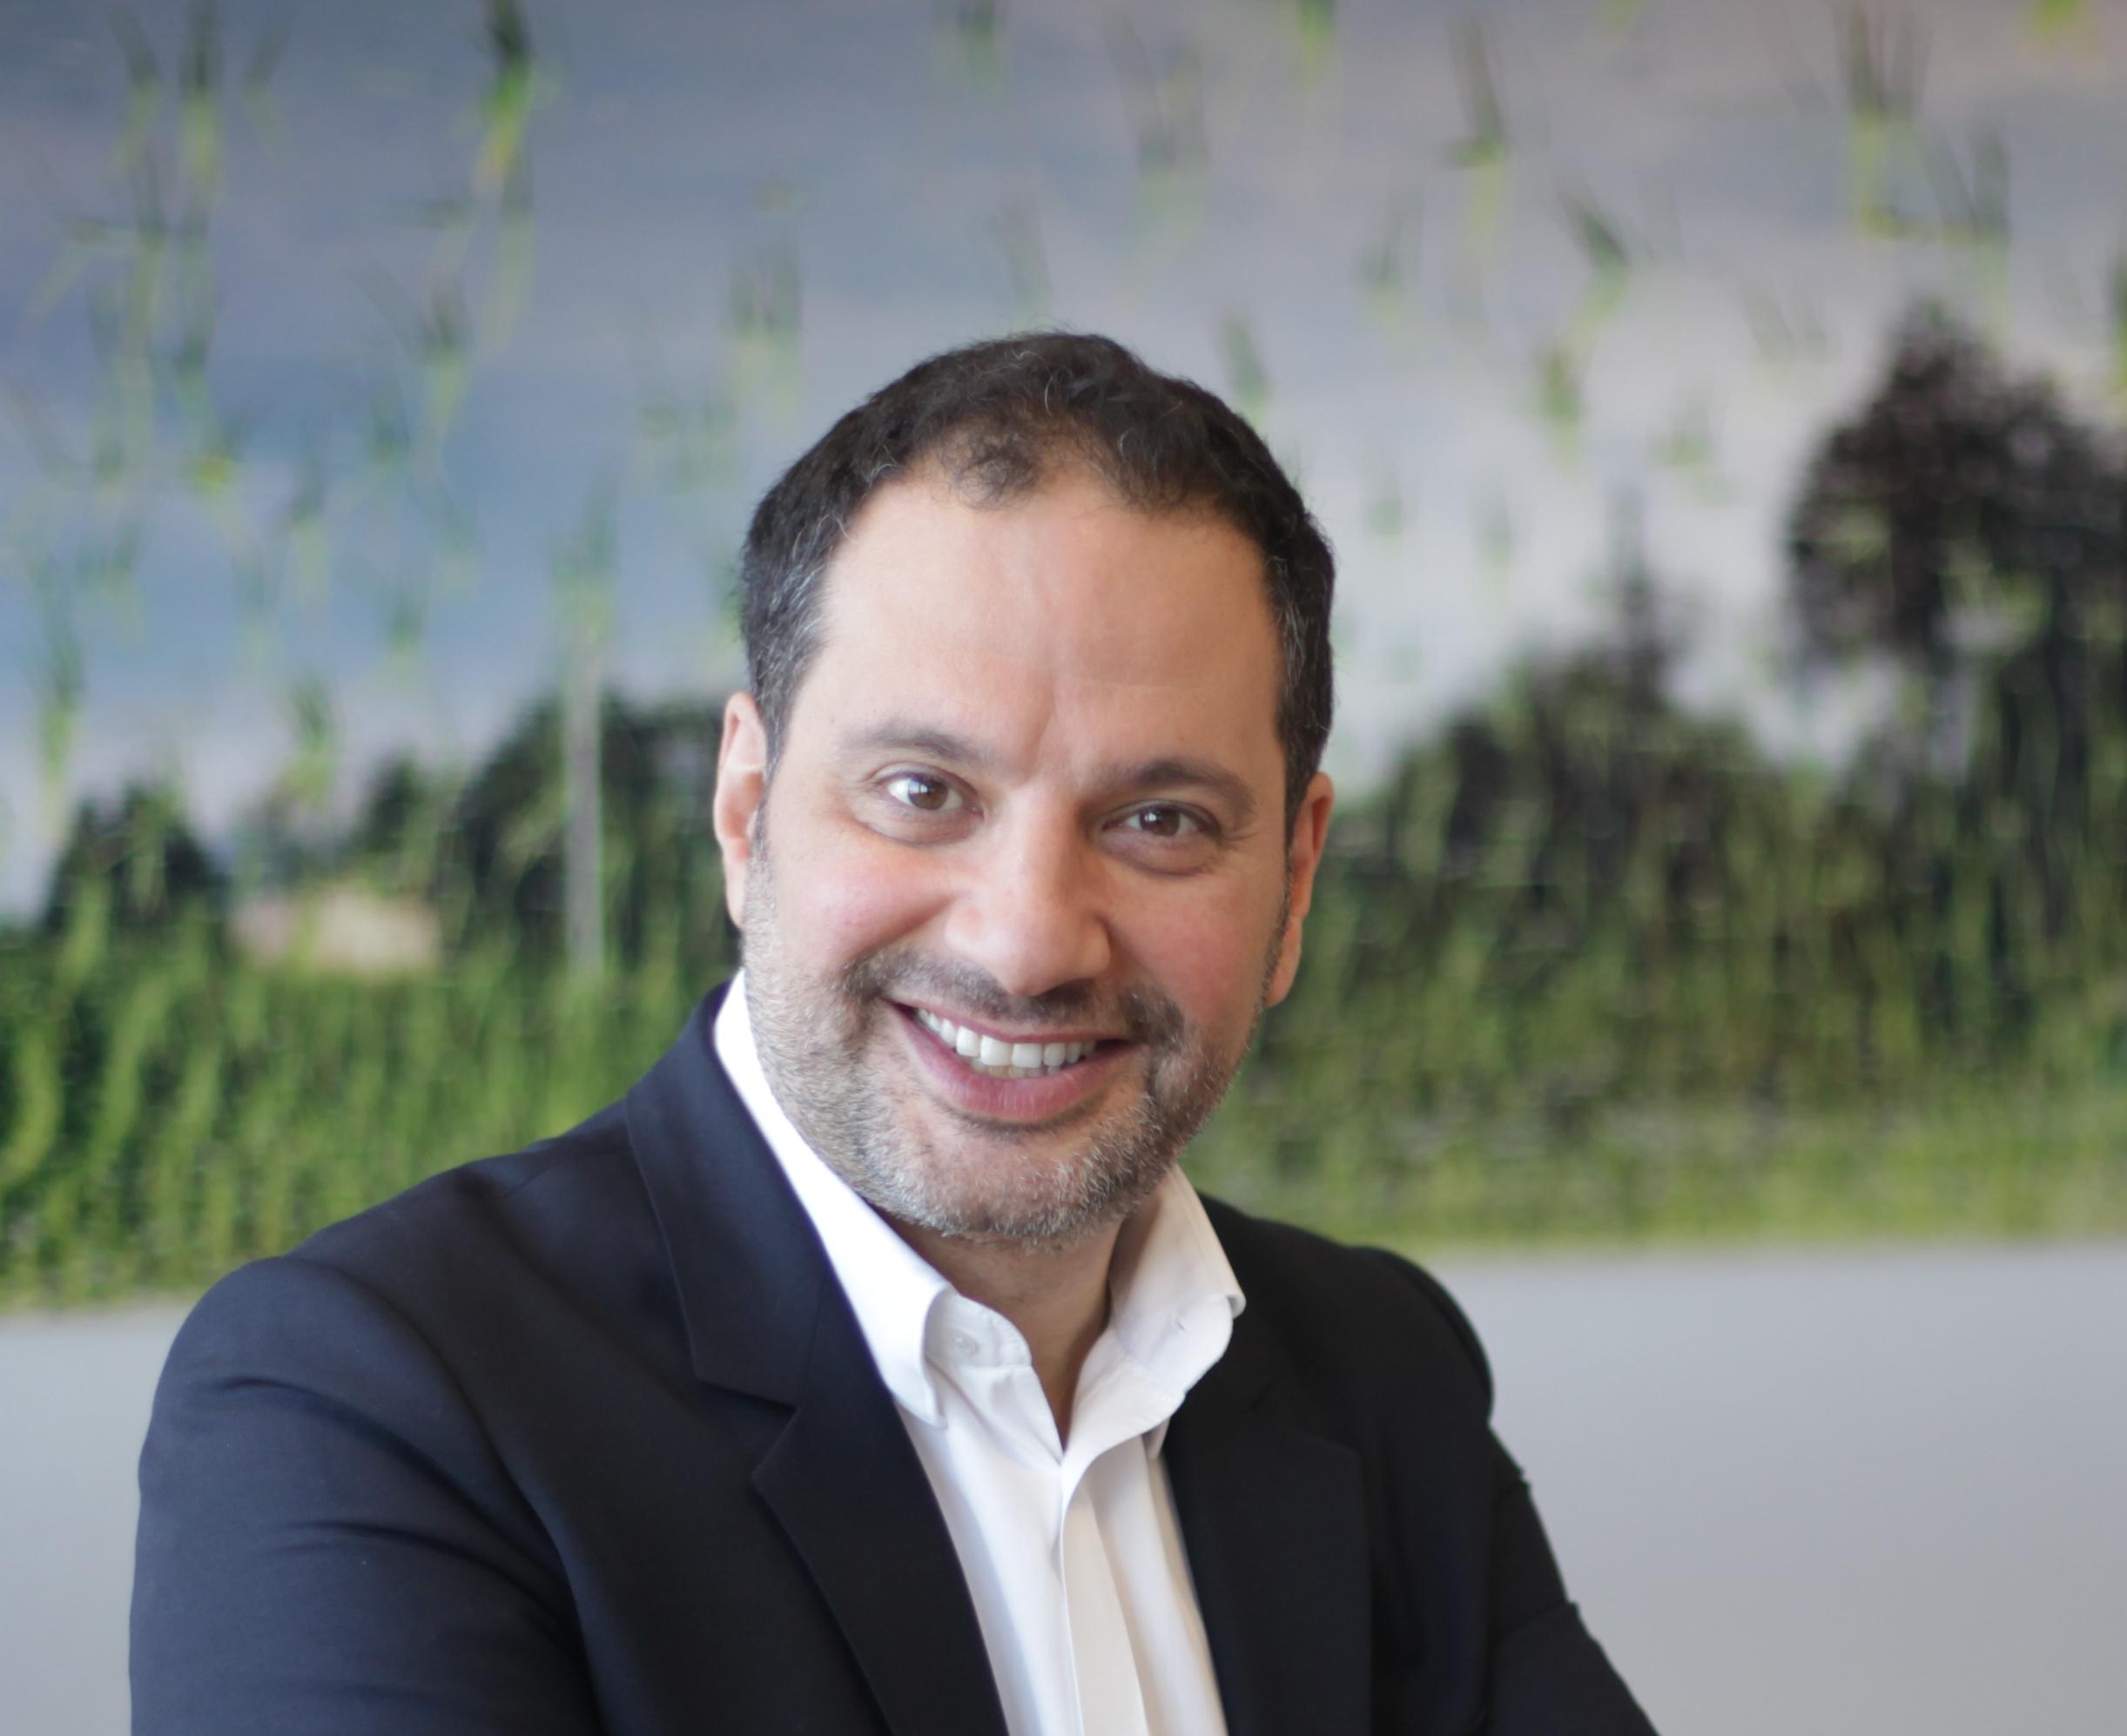 Serge Masliah